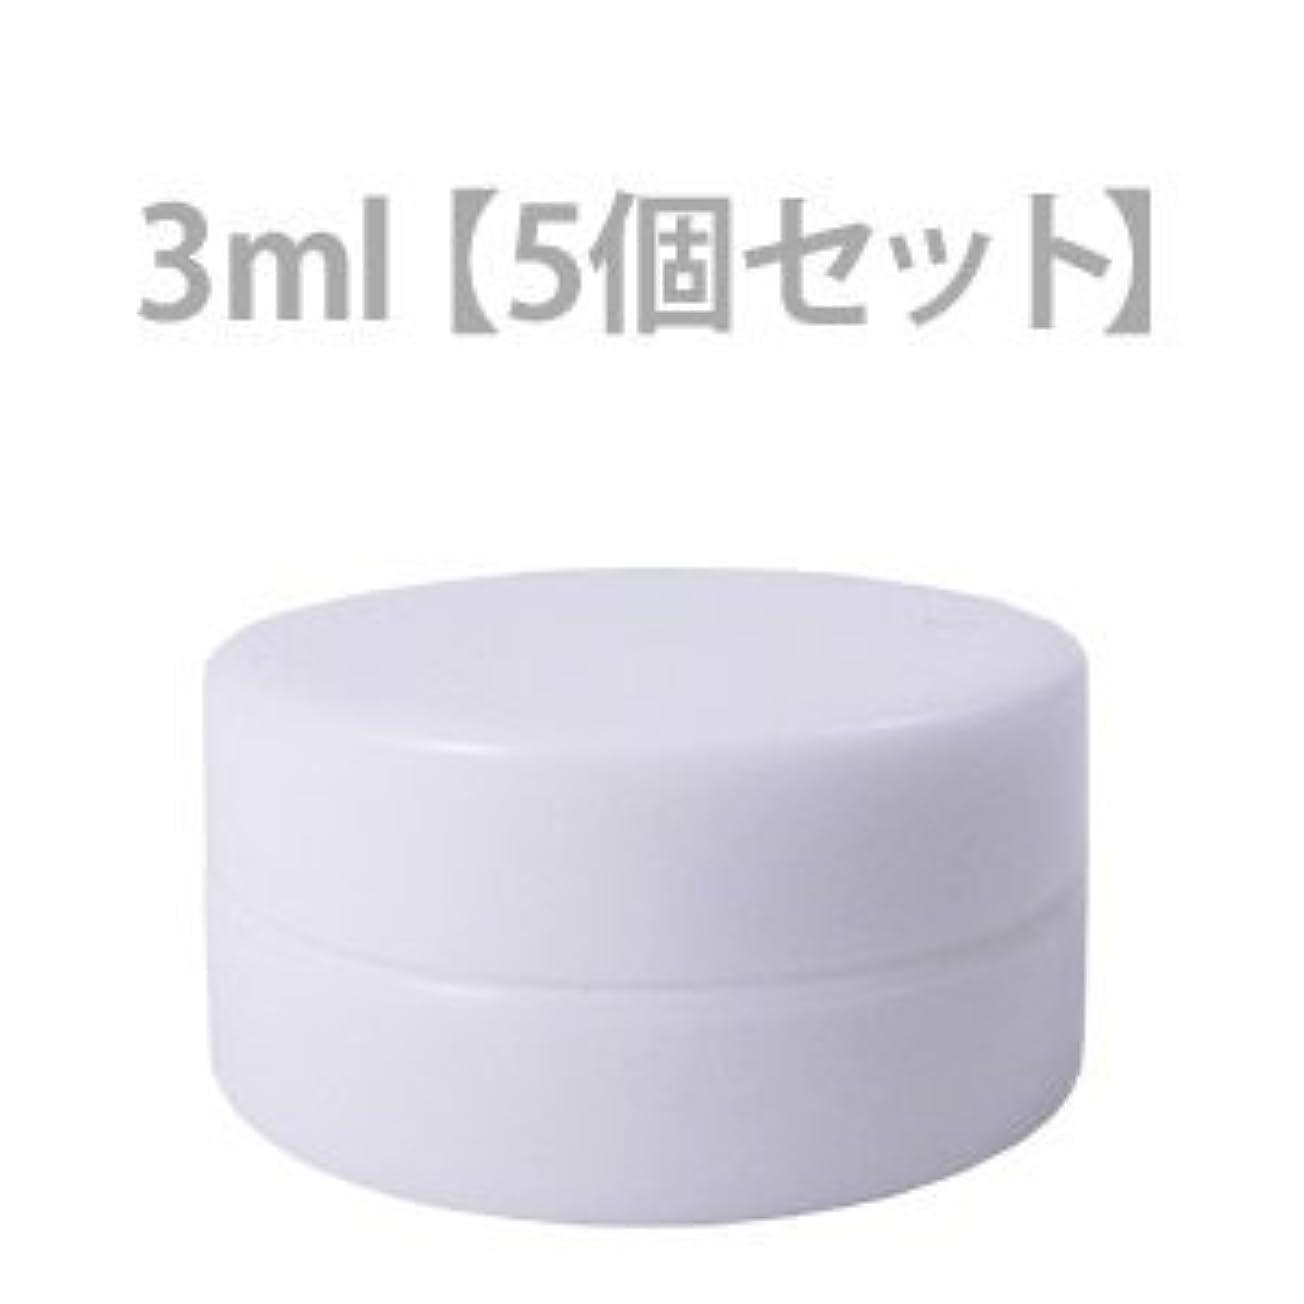 恐れ重大酒クリーム用容器 化粧品容器 3ml 5個セット